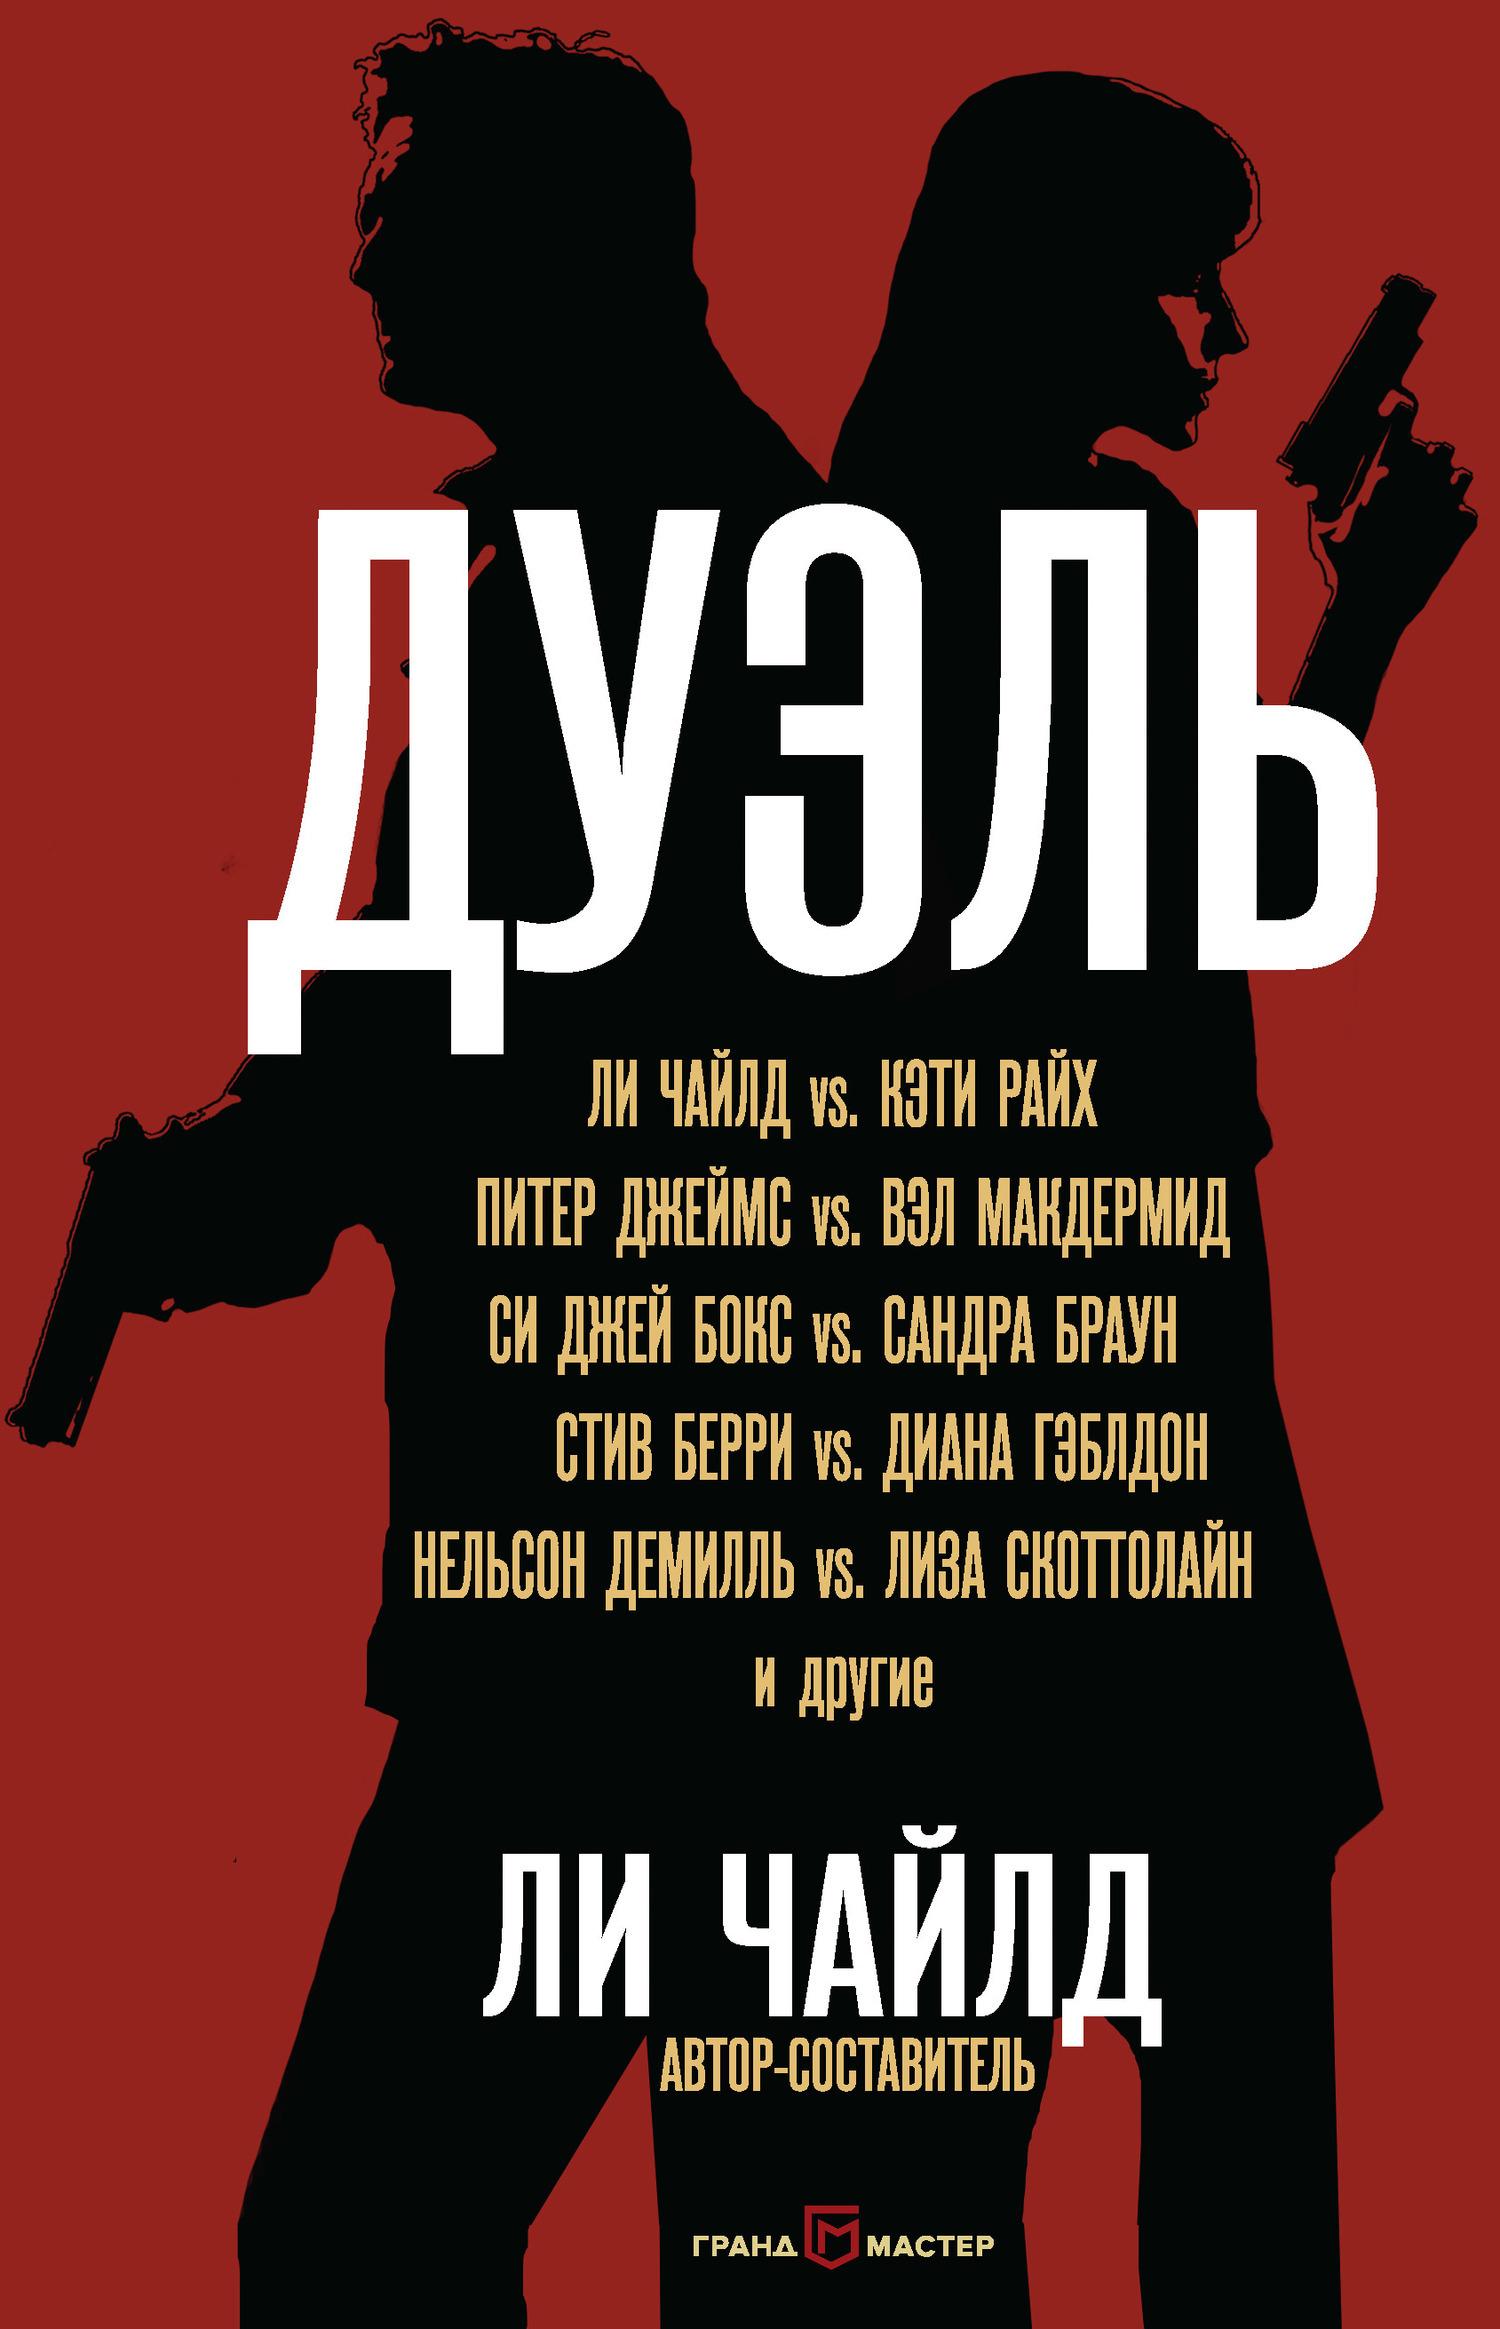 Серия Джек Ричер 15 книг 2 скачать через торрент бесплатно